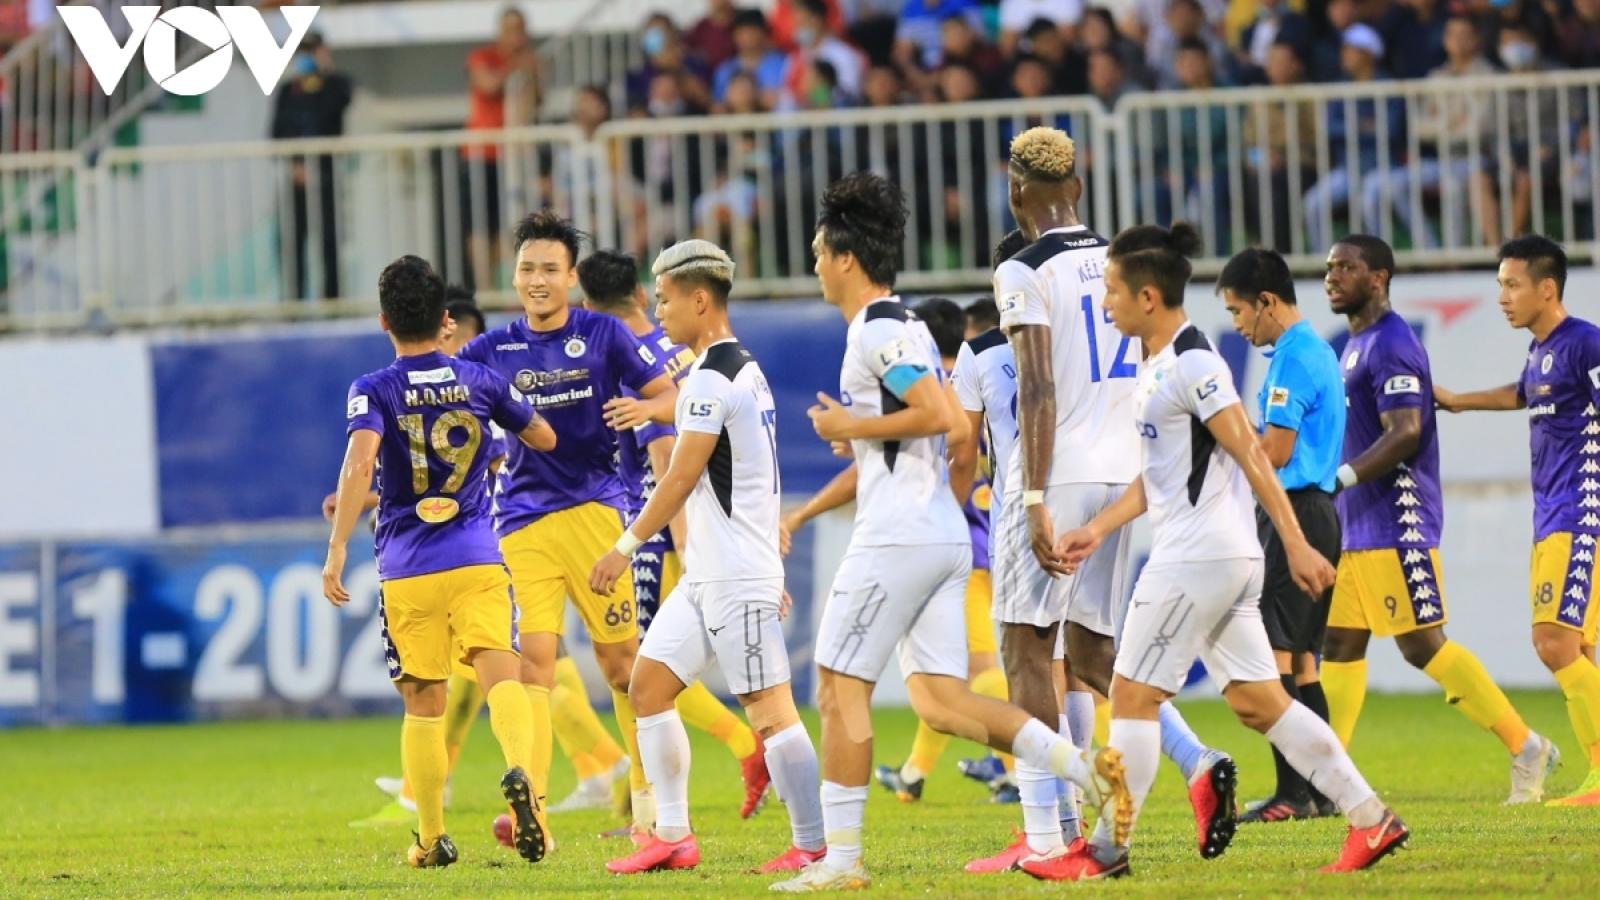 TRỰC TIẾP HAGL - Hà Nội FC: Quang Hải đại chiến Công Phượng